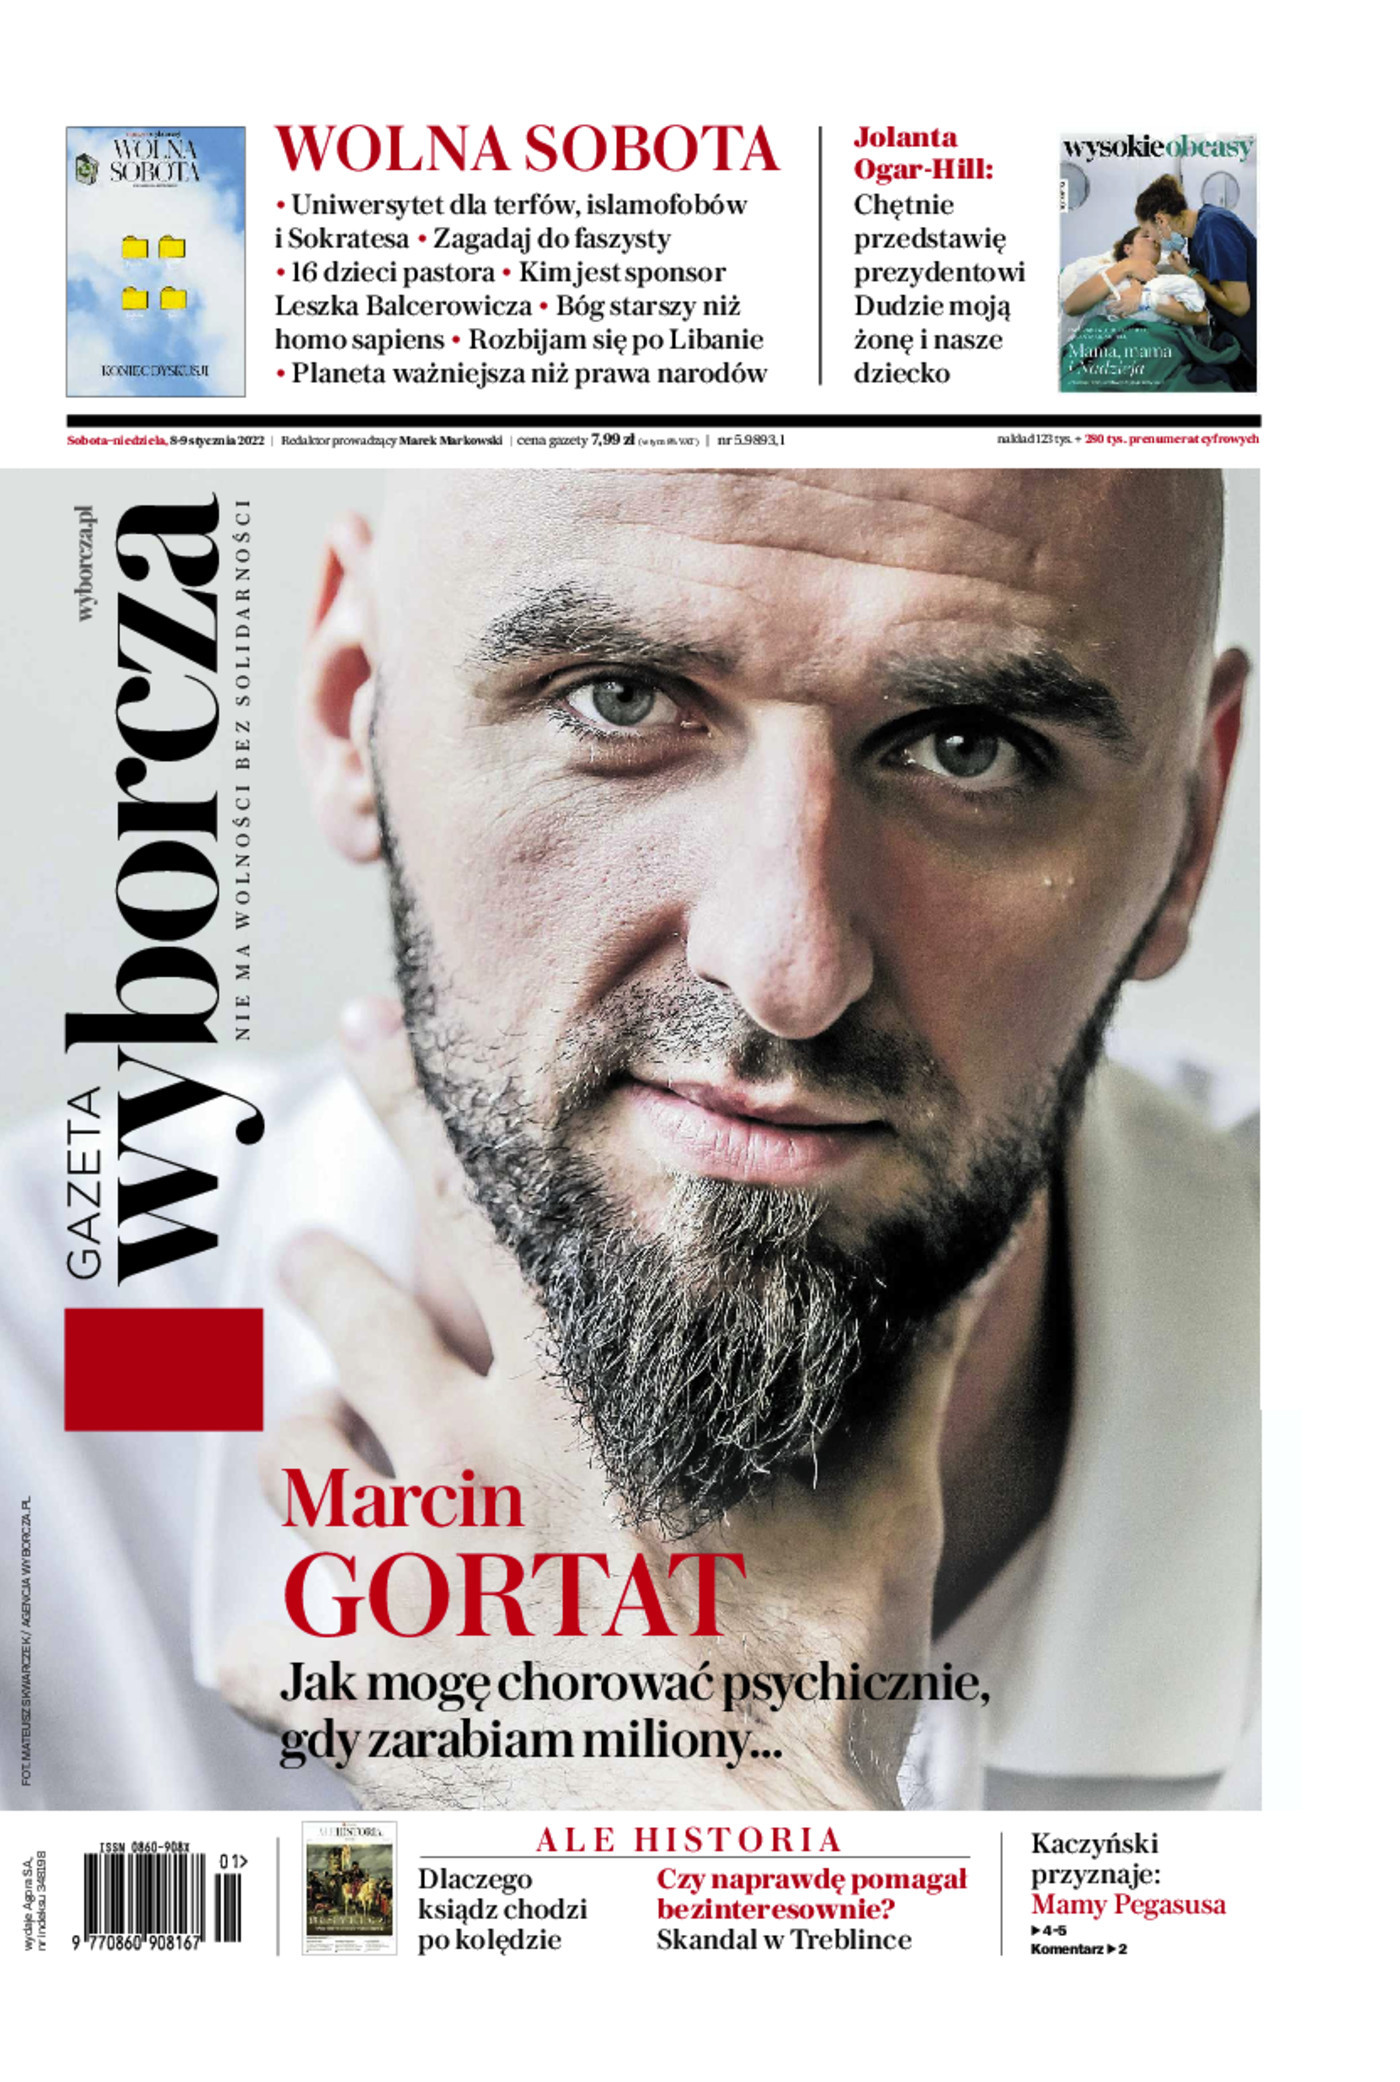 Gazeta Wyborcza Warszawa - ePrasa, dziennik, czasopismo spo�eczno-informacyjne, polityka, gospodarka, biznes